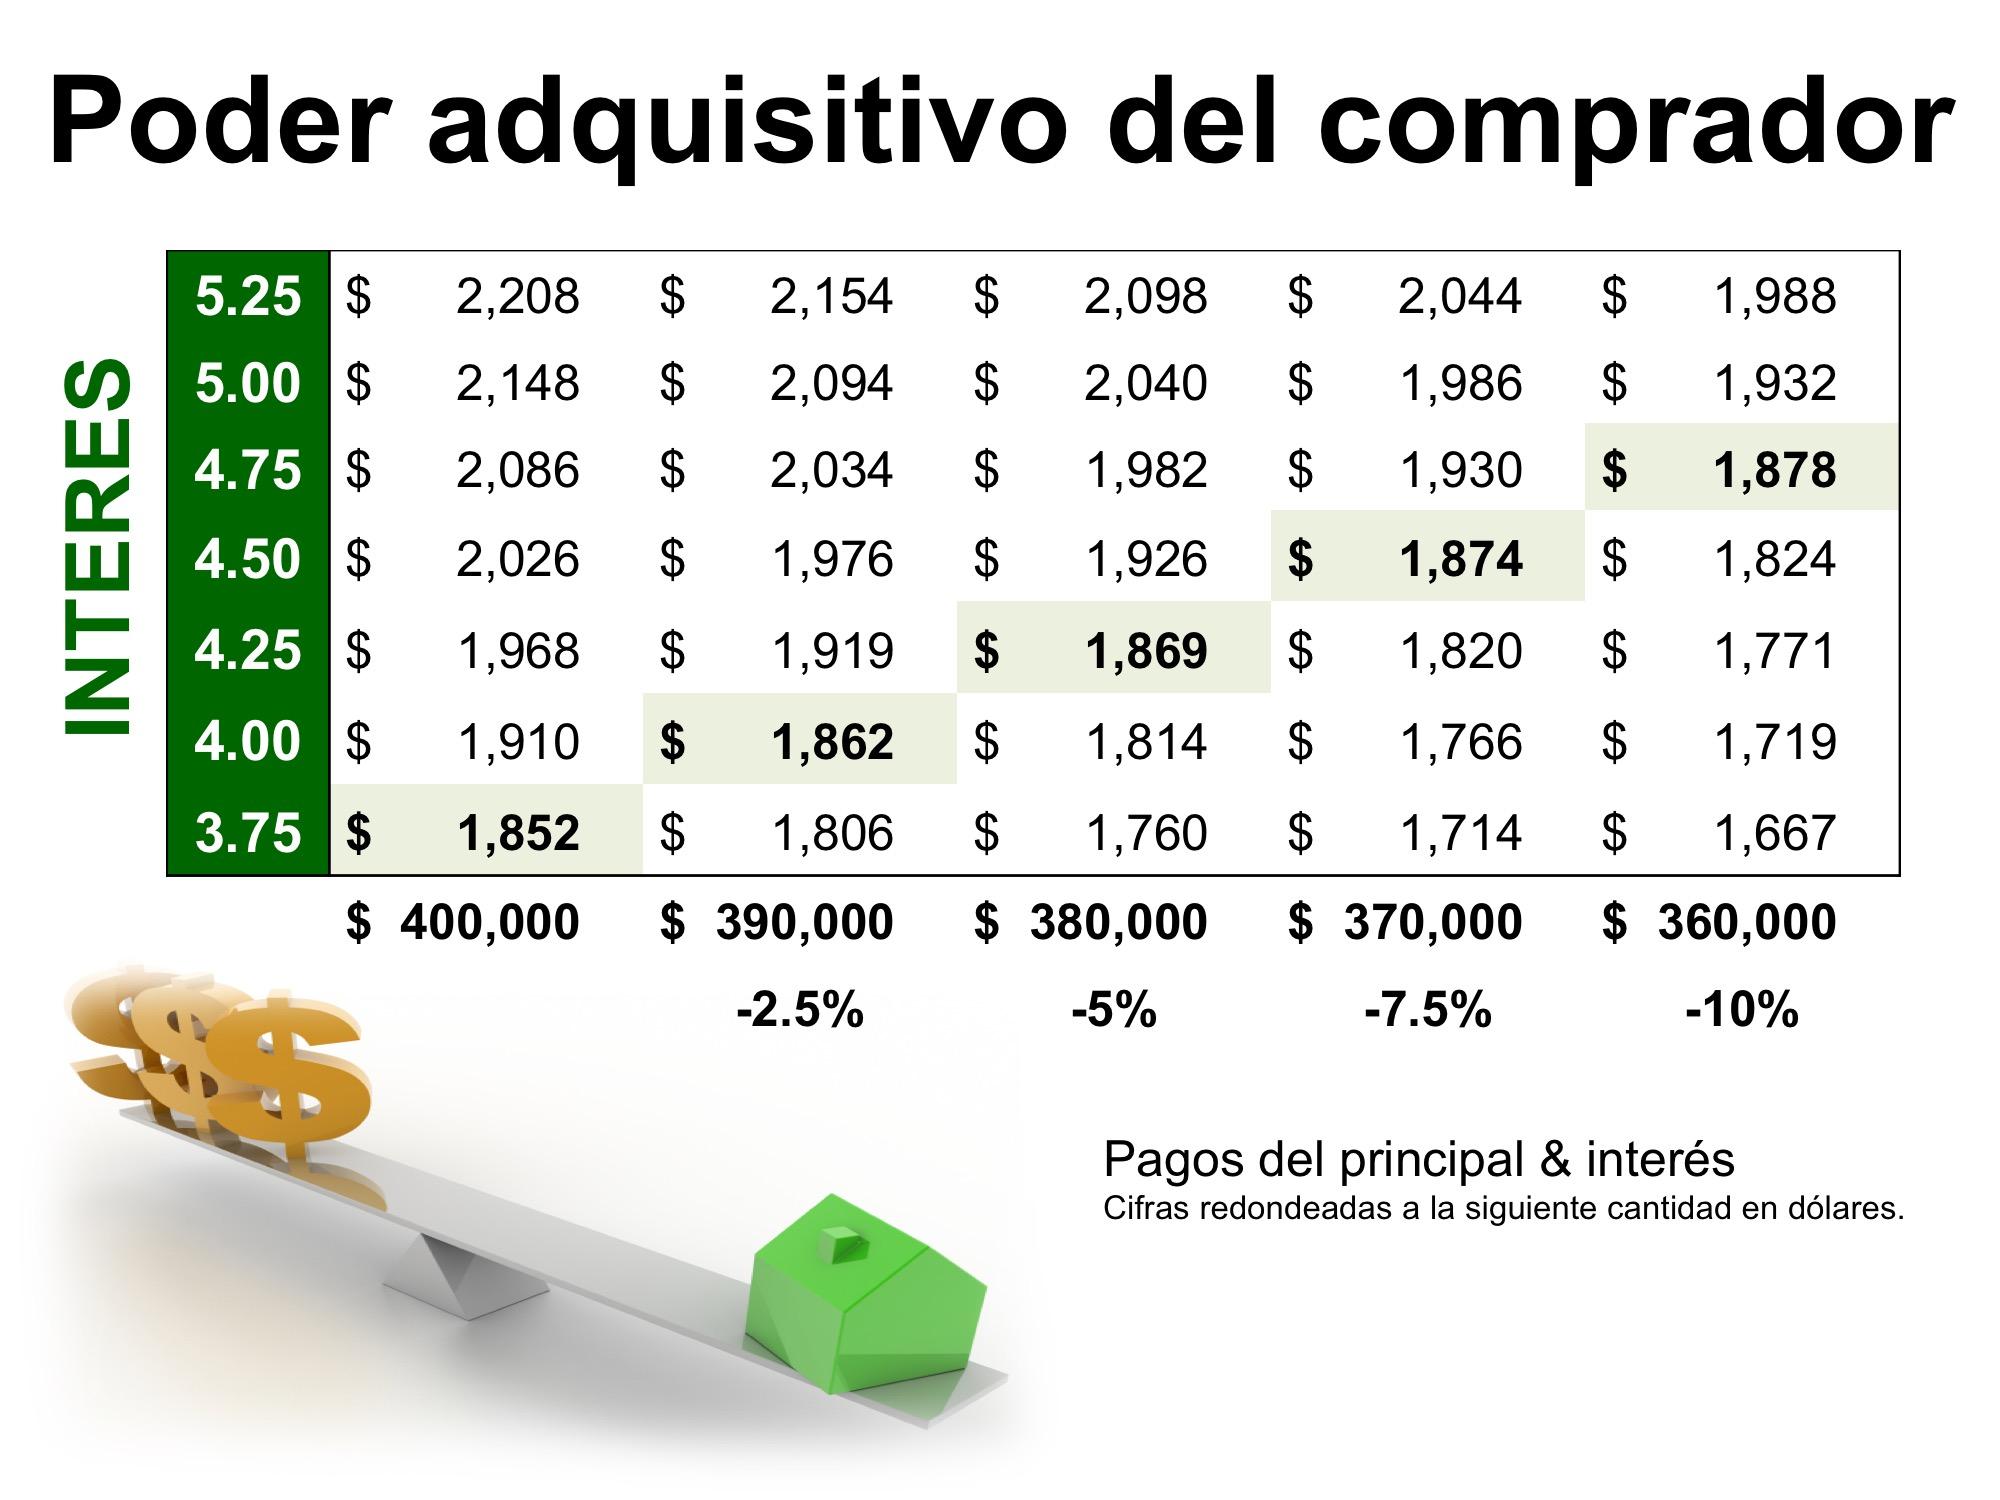 Cómo las tasas de interés actuales pueden tener un alto impacto en su poder adquisitivo | Simplifying The Market